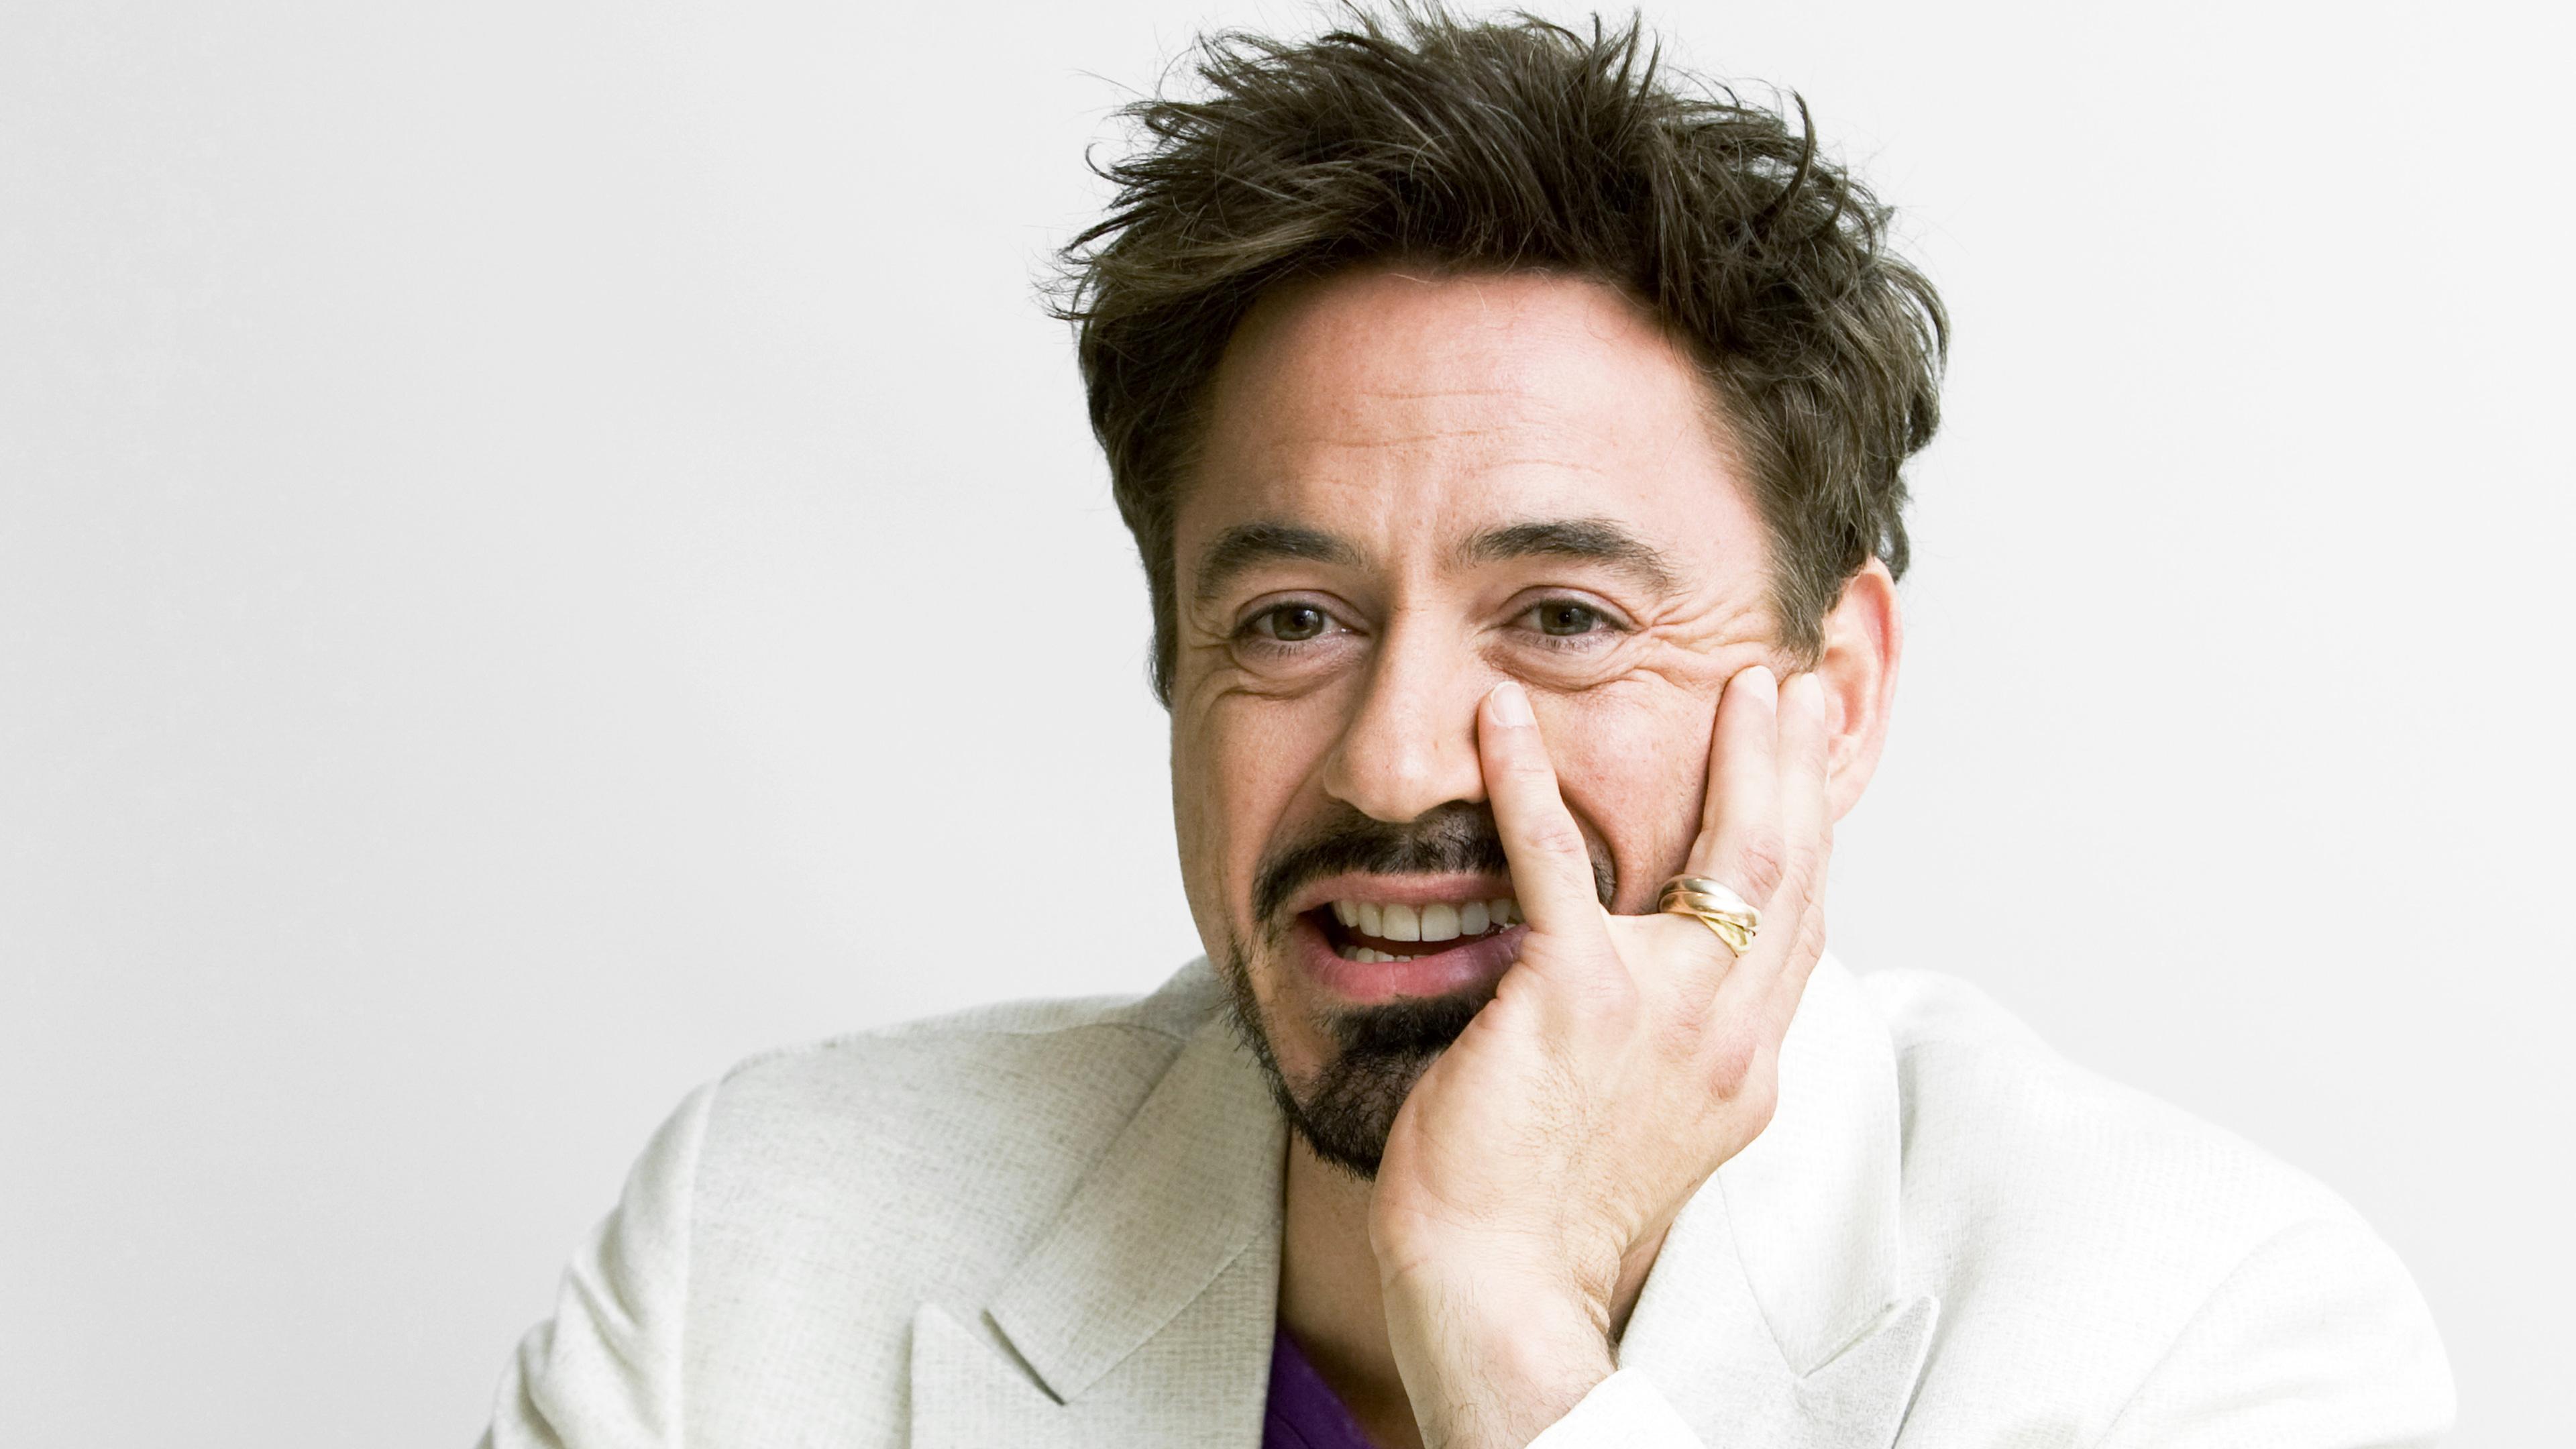 Robert Downey Jr Wallpaper 4   3840 X 2160 stmednet 3840x2160